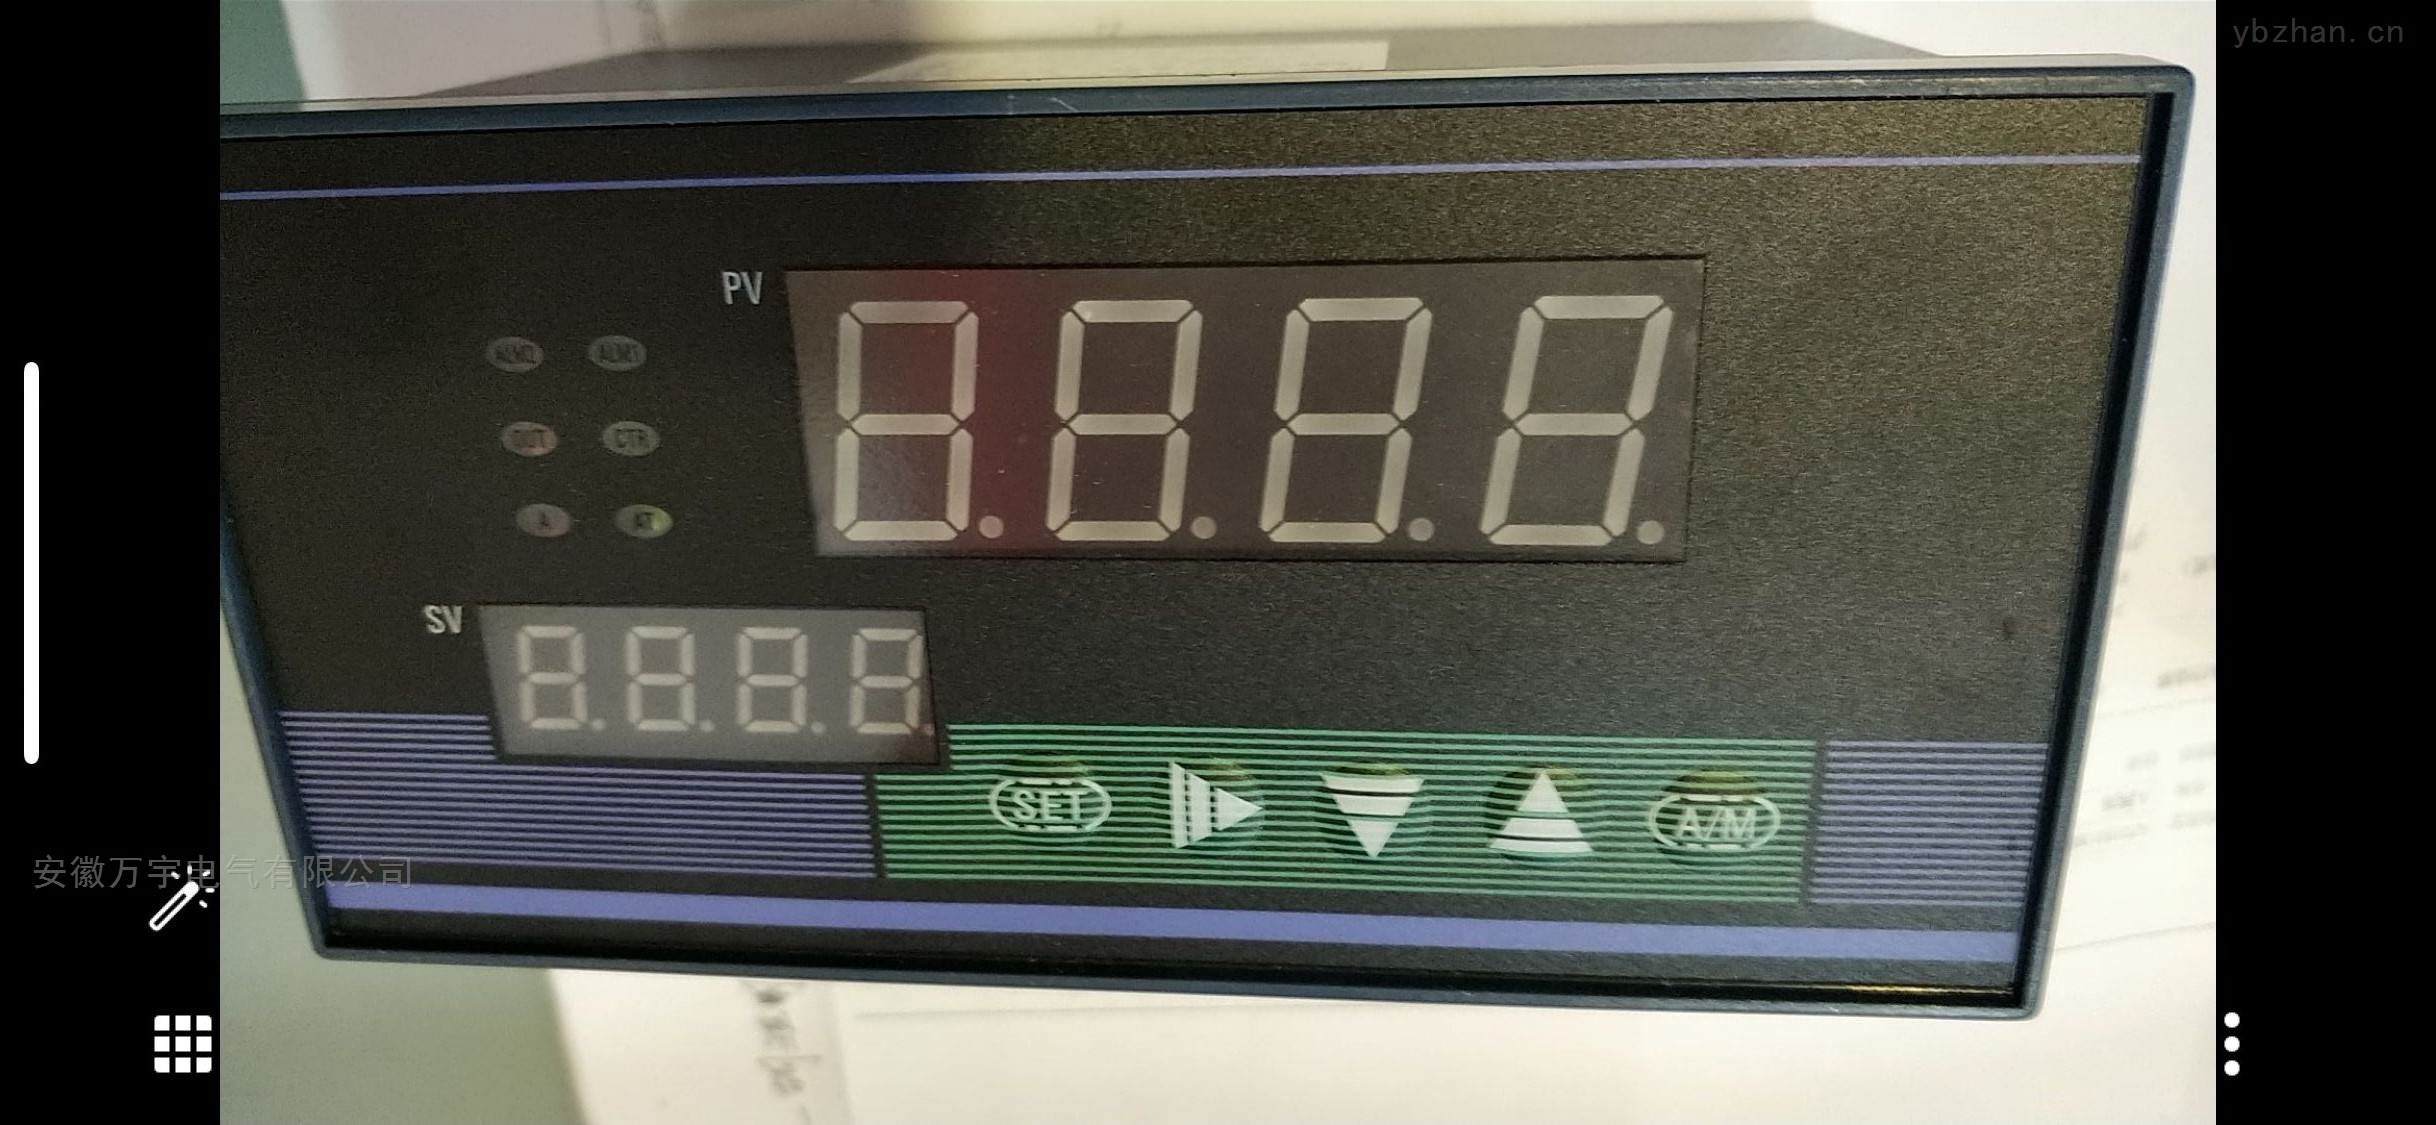 数显控制仪 万宇电气